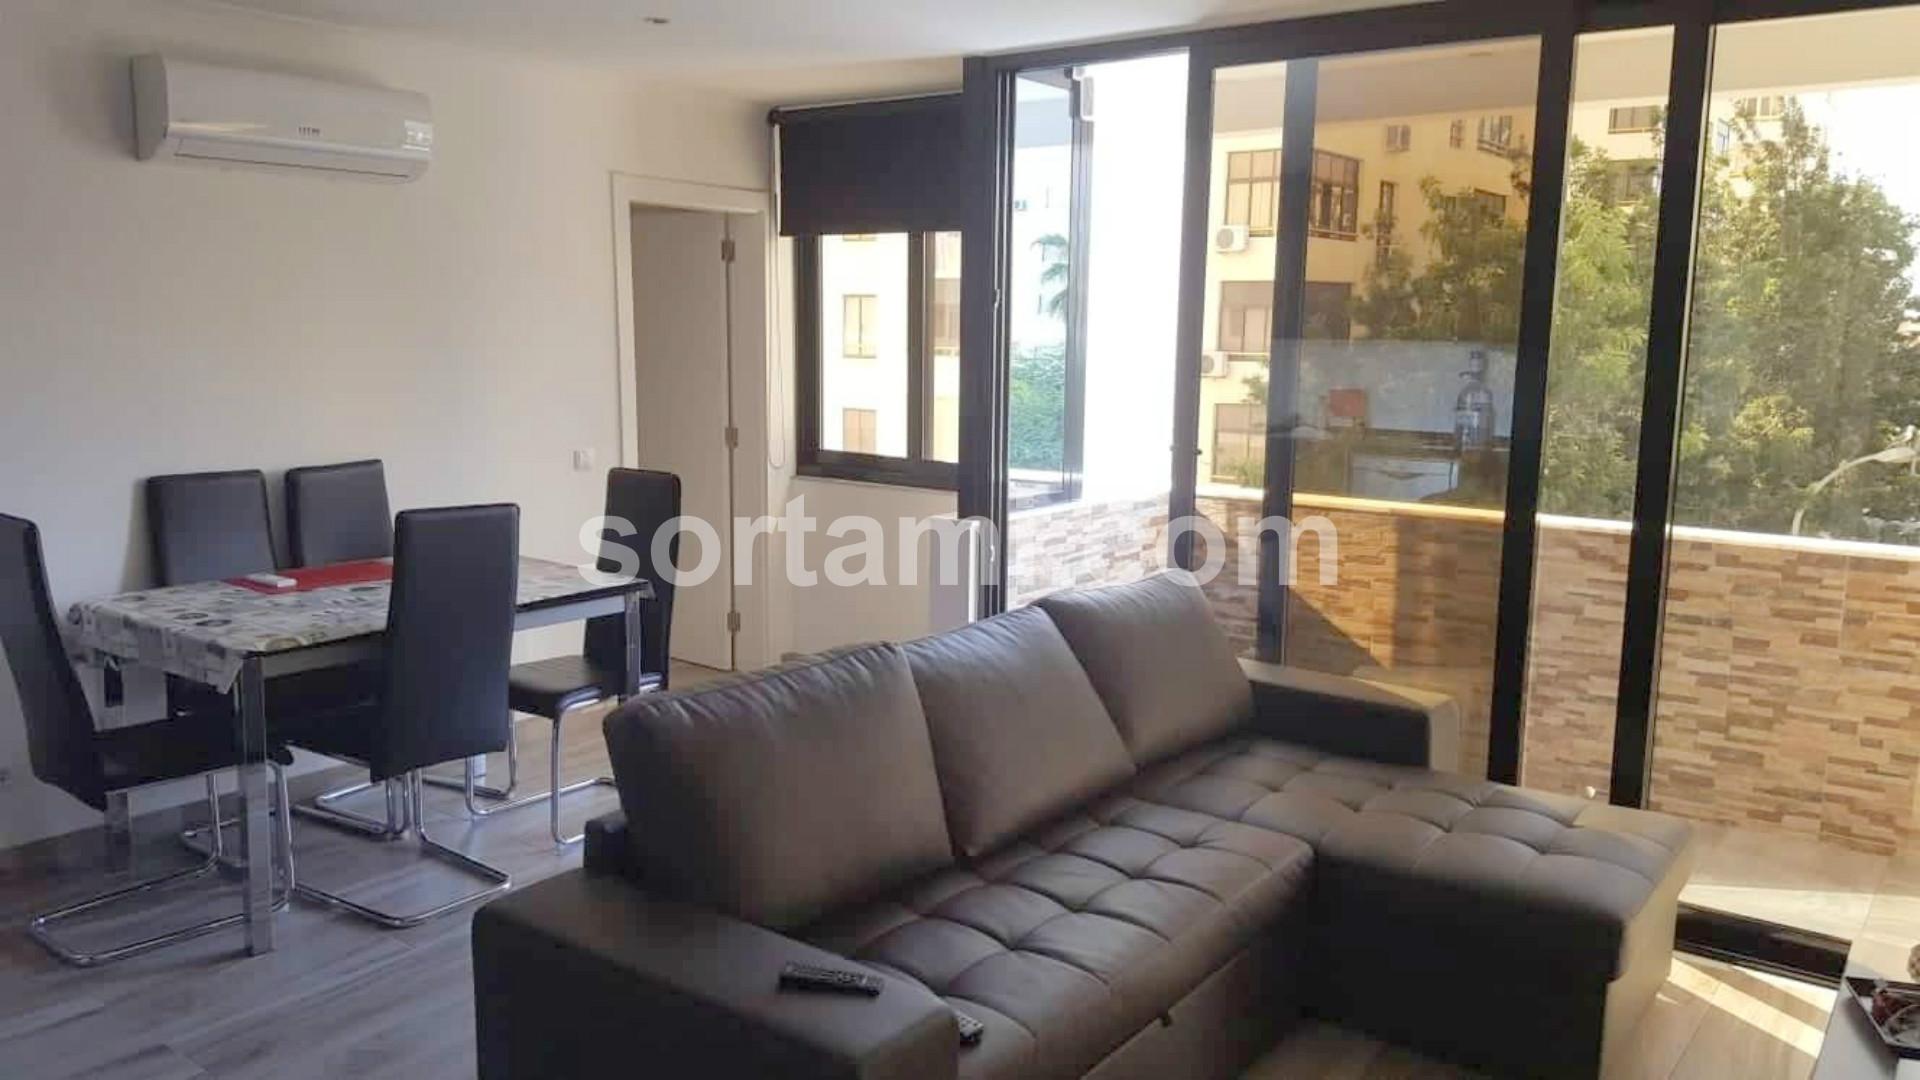 Apartment T2 Algarve, Quarteira